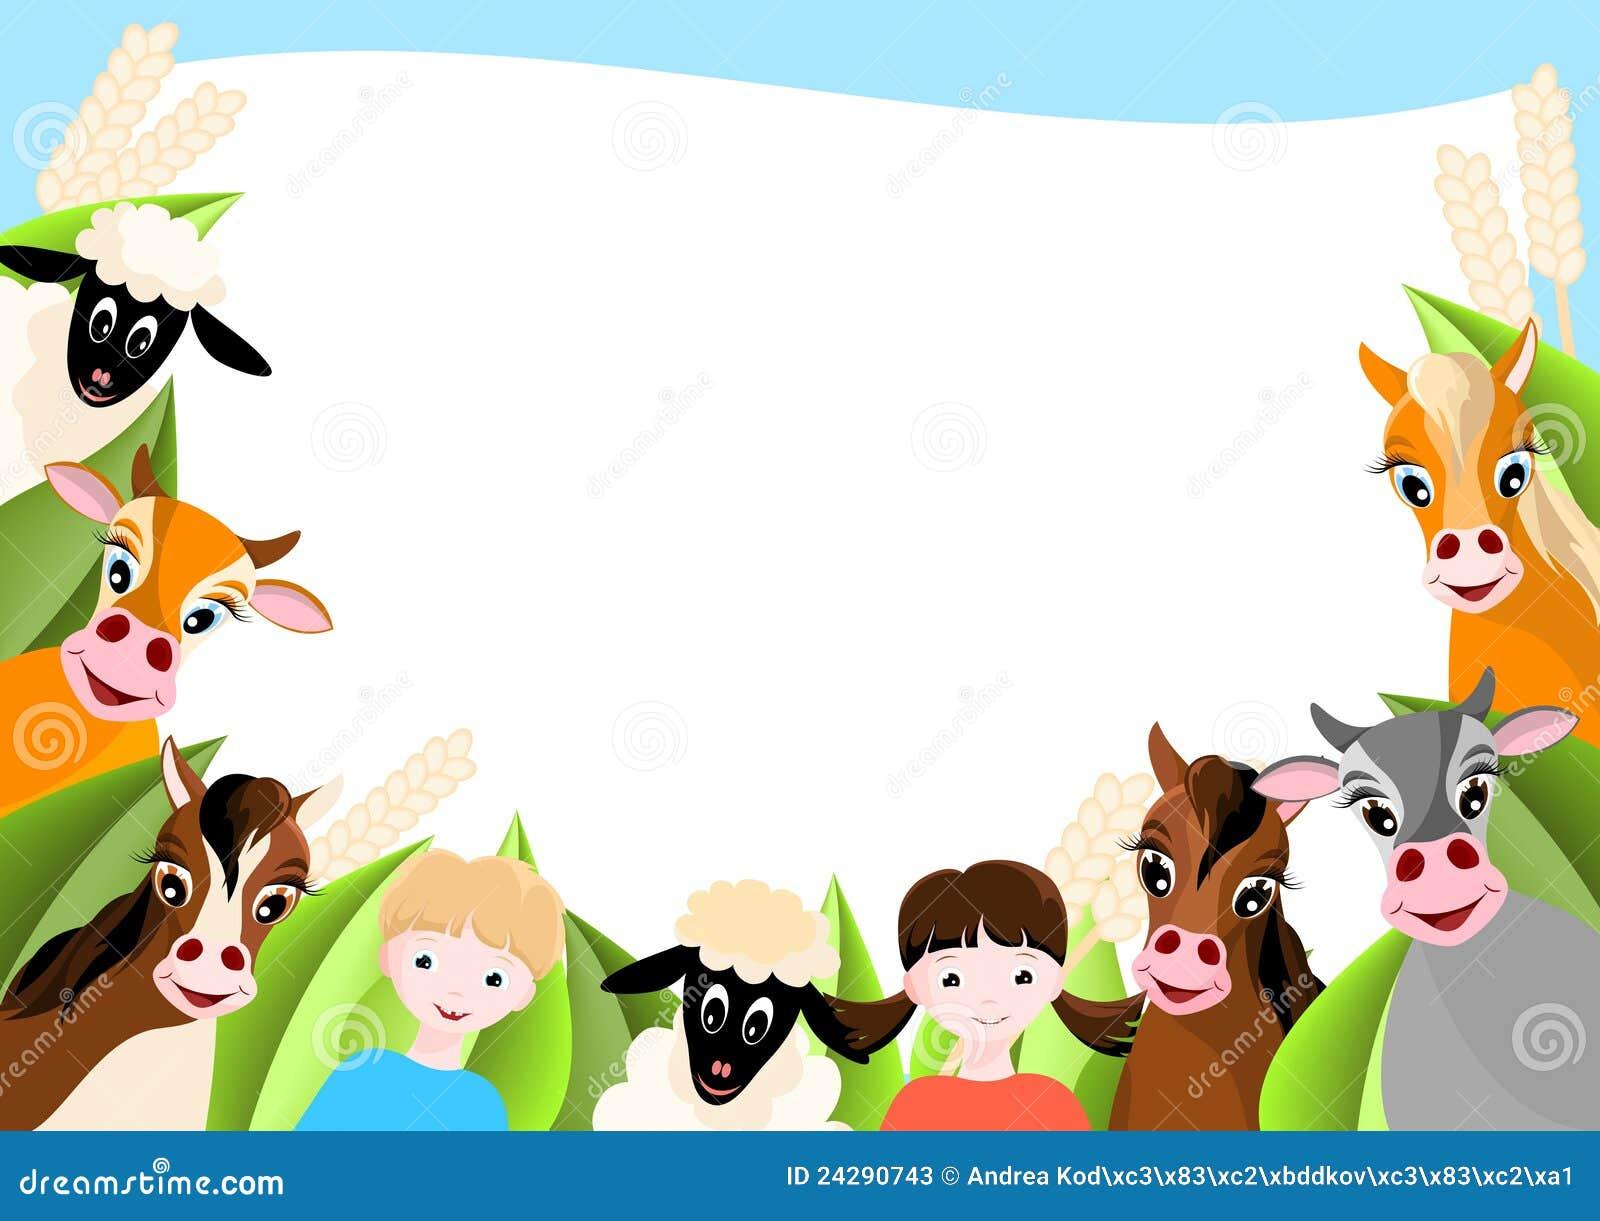 Free farm animal clipart for teachers - photo#54